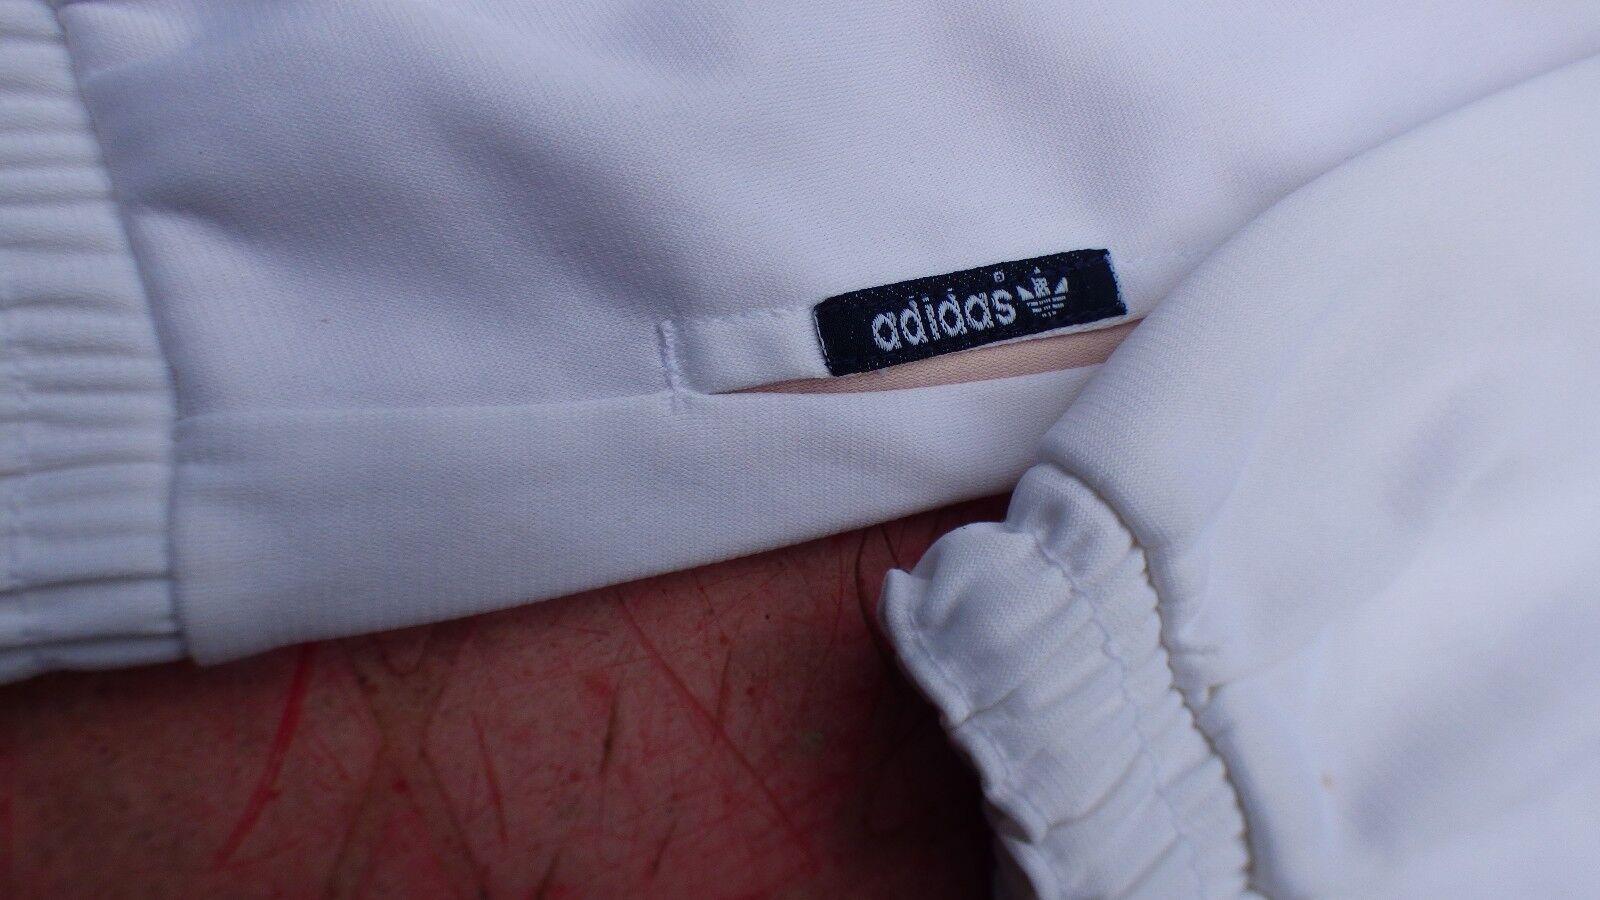 Sweat shirt Adidas ventex vintage 62cm de long sur sur sur 57cm 2c069f